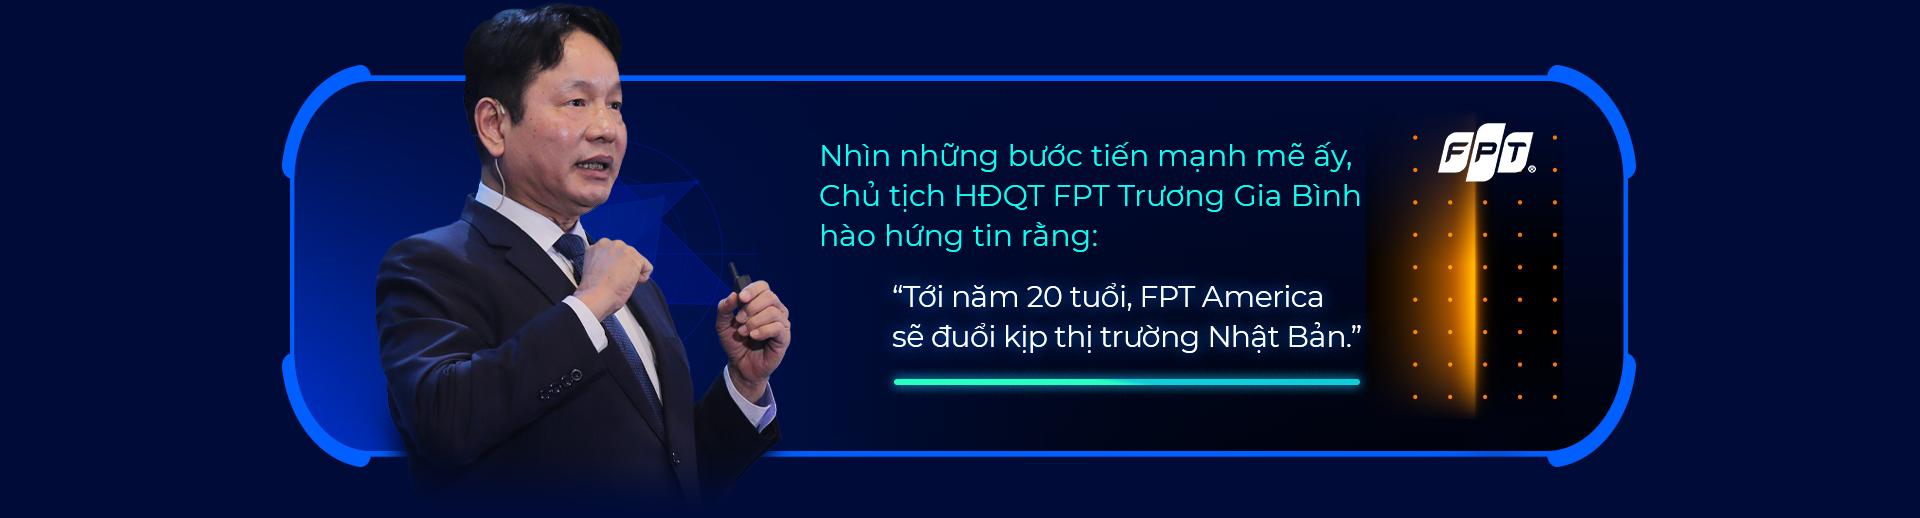 FPT America: Hành trình khẳng định trí tuệ Việt ở thủ phủ công nghệ thế giới - Ảnh 8.